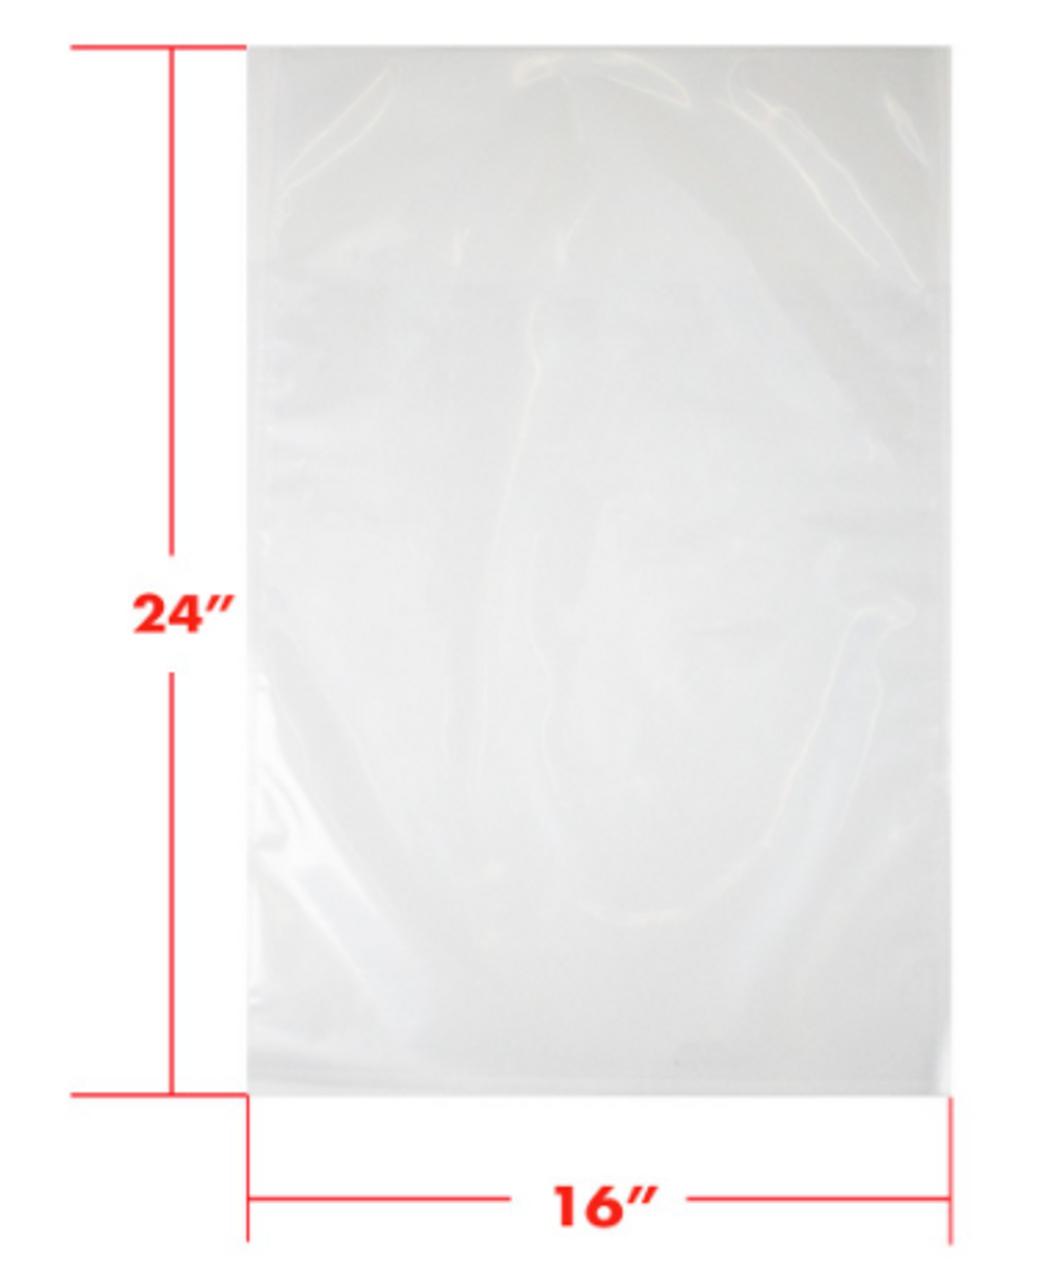 16 x 24 3mil Vacuum Barrier Bags (500)